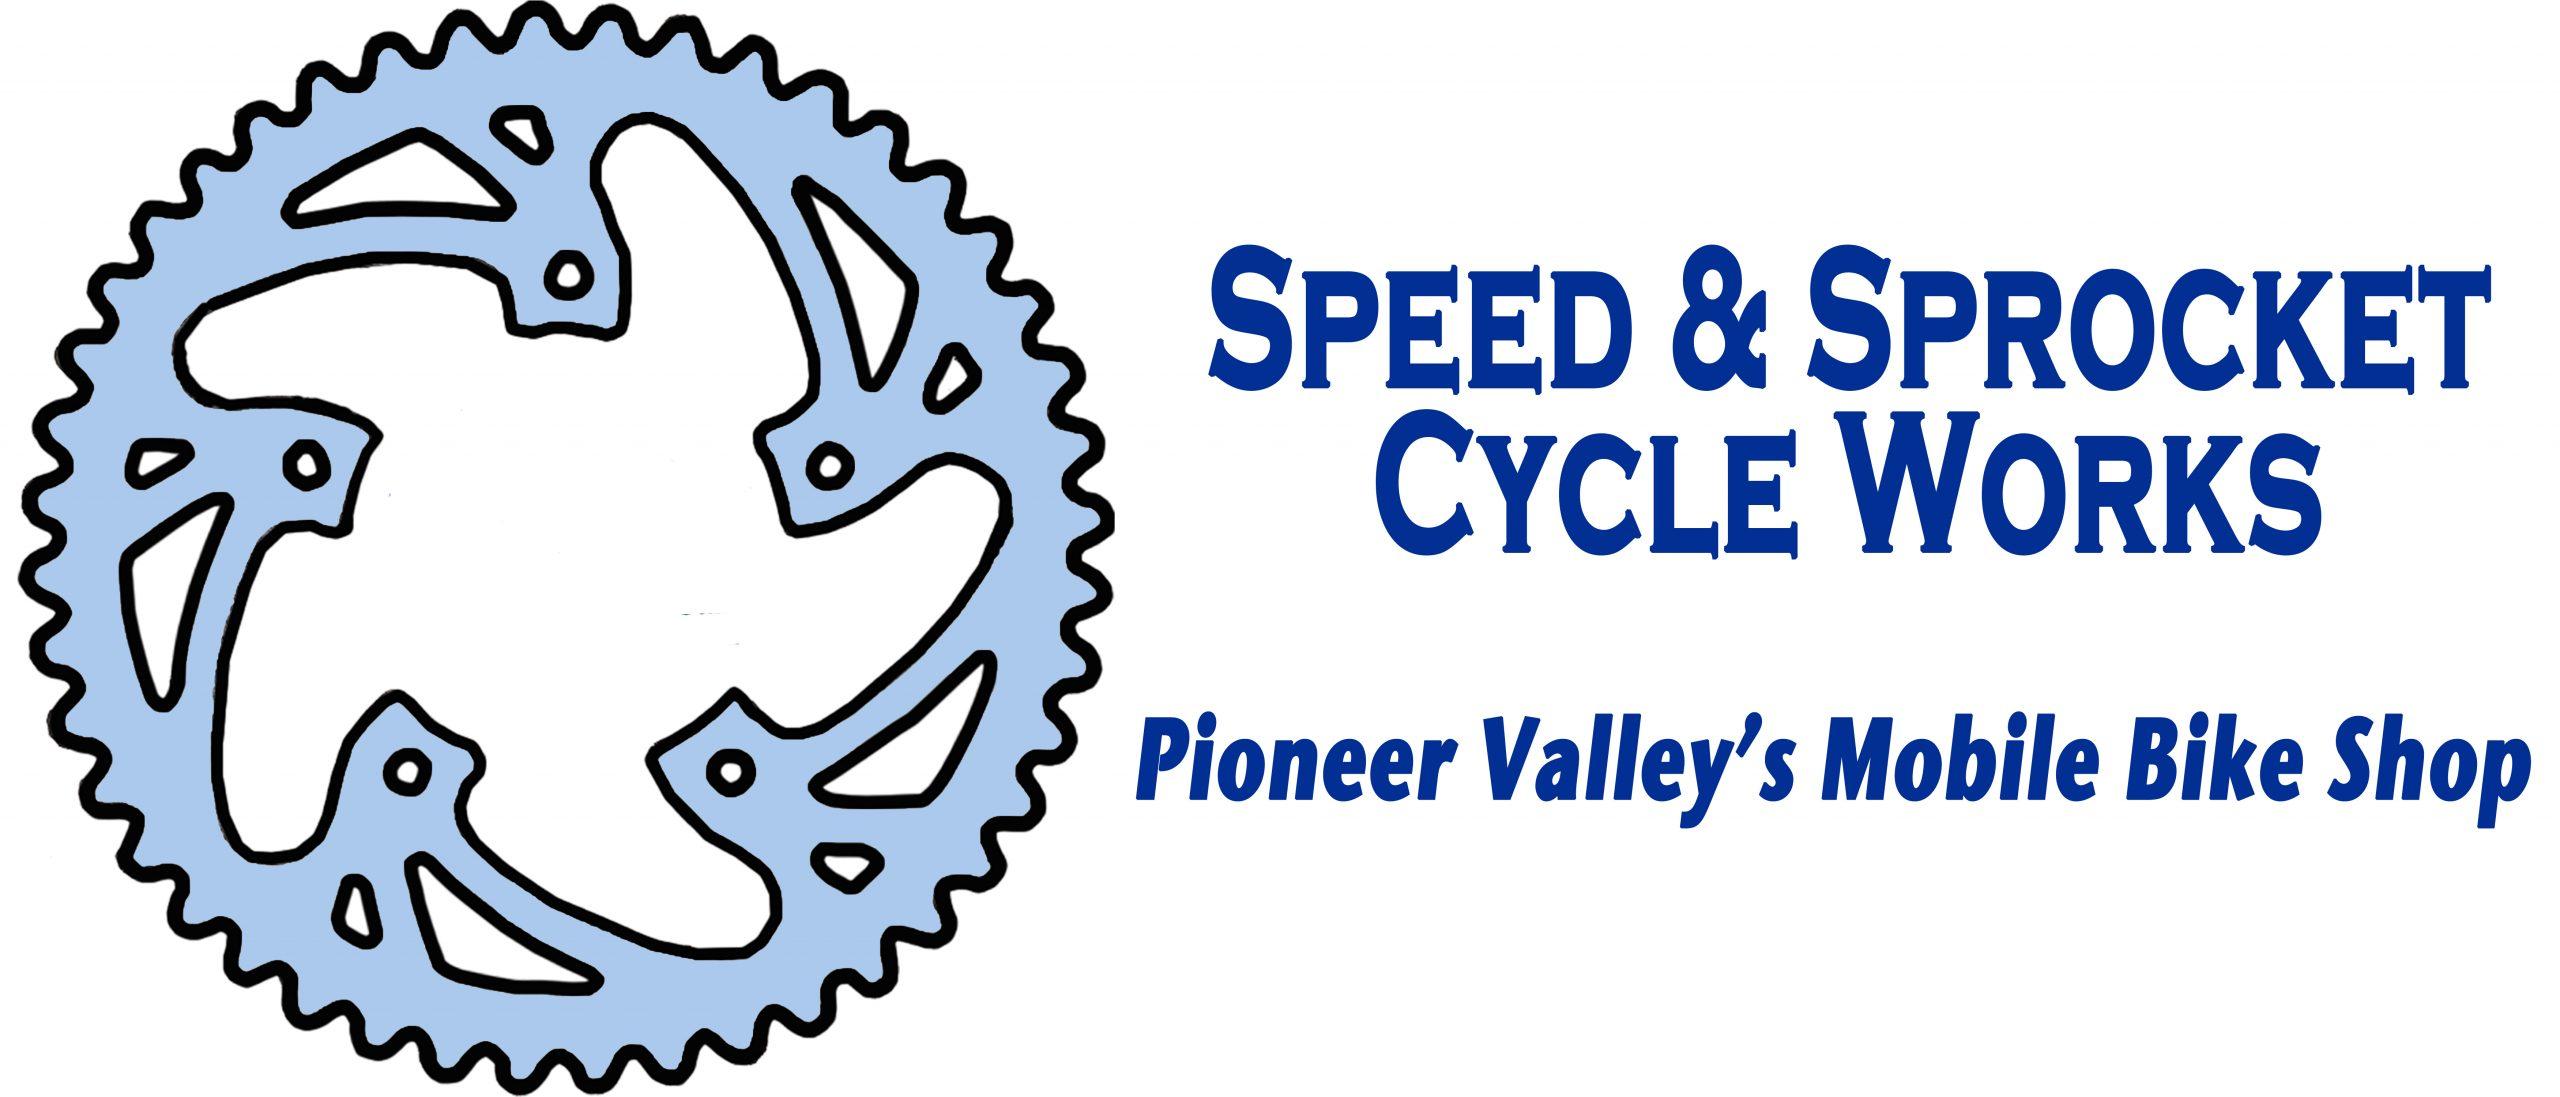 Speed & Sprocket Cycle Works